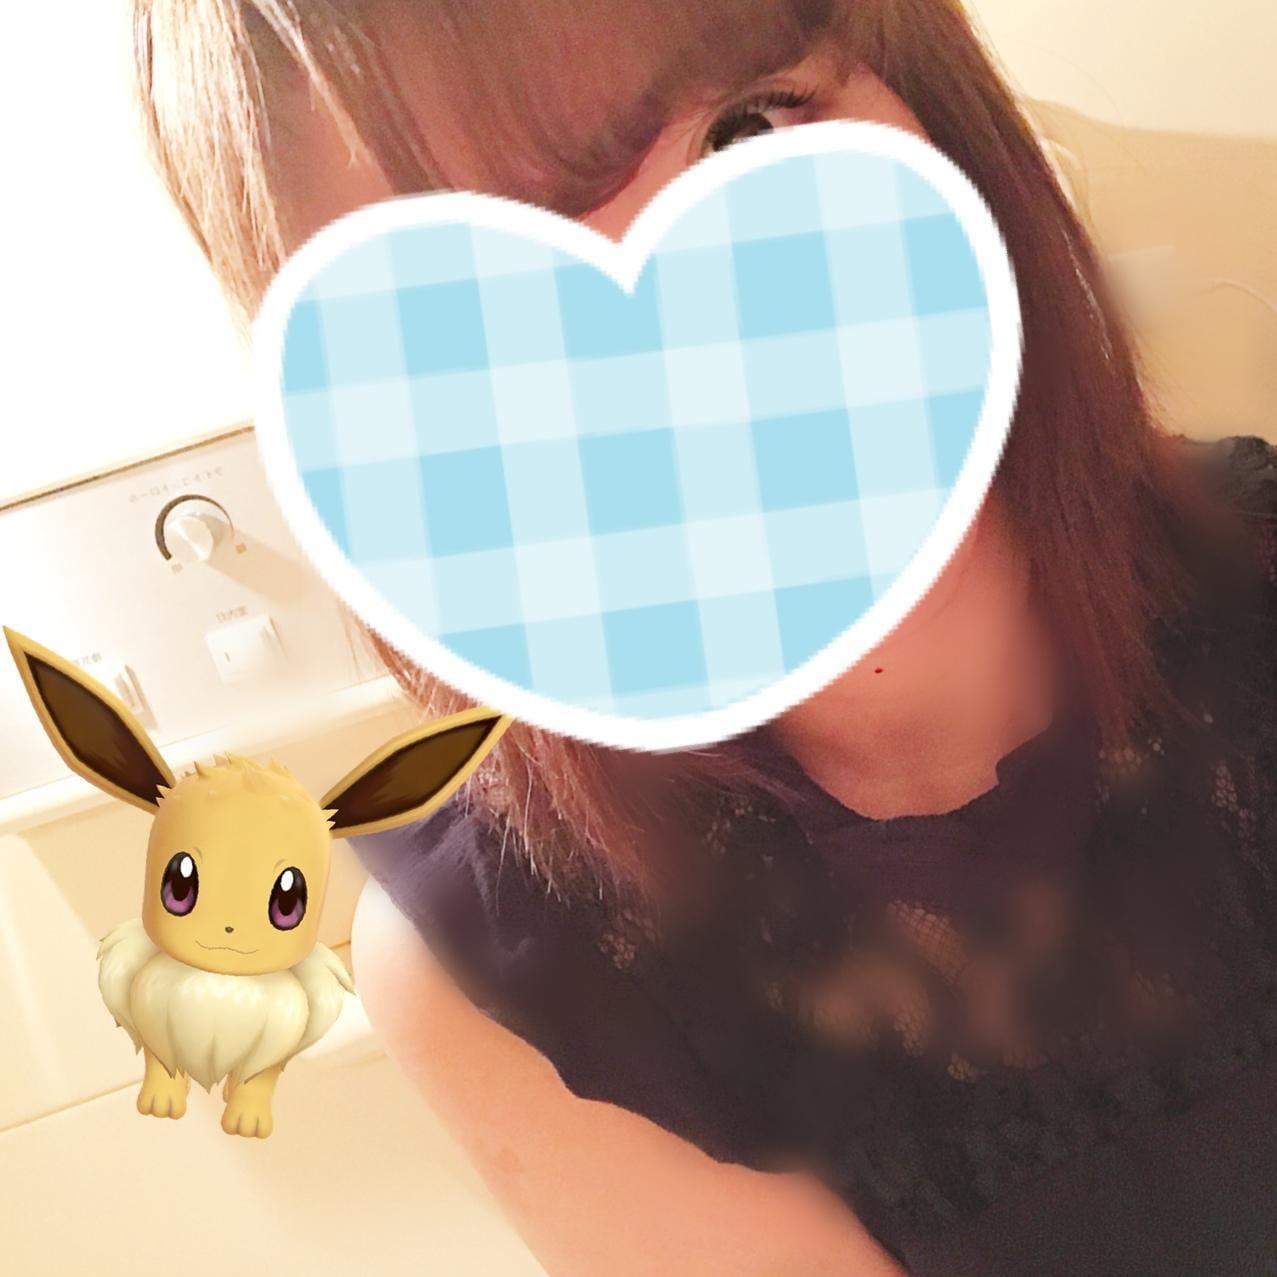 「久々に」09/03(月) 18:38 | 前田みゆの写メ・風俗動画